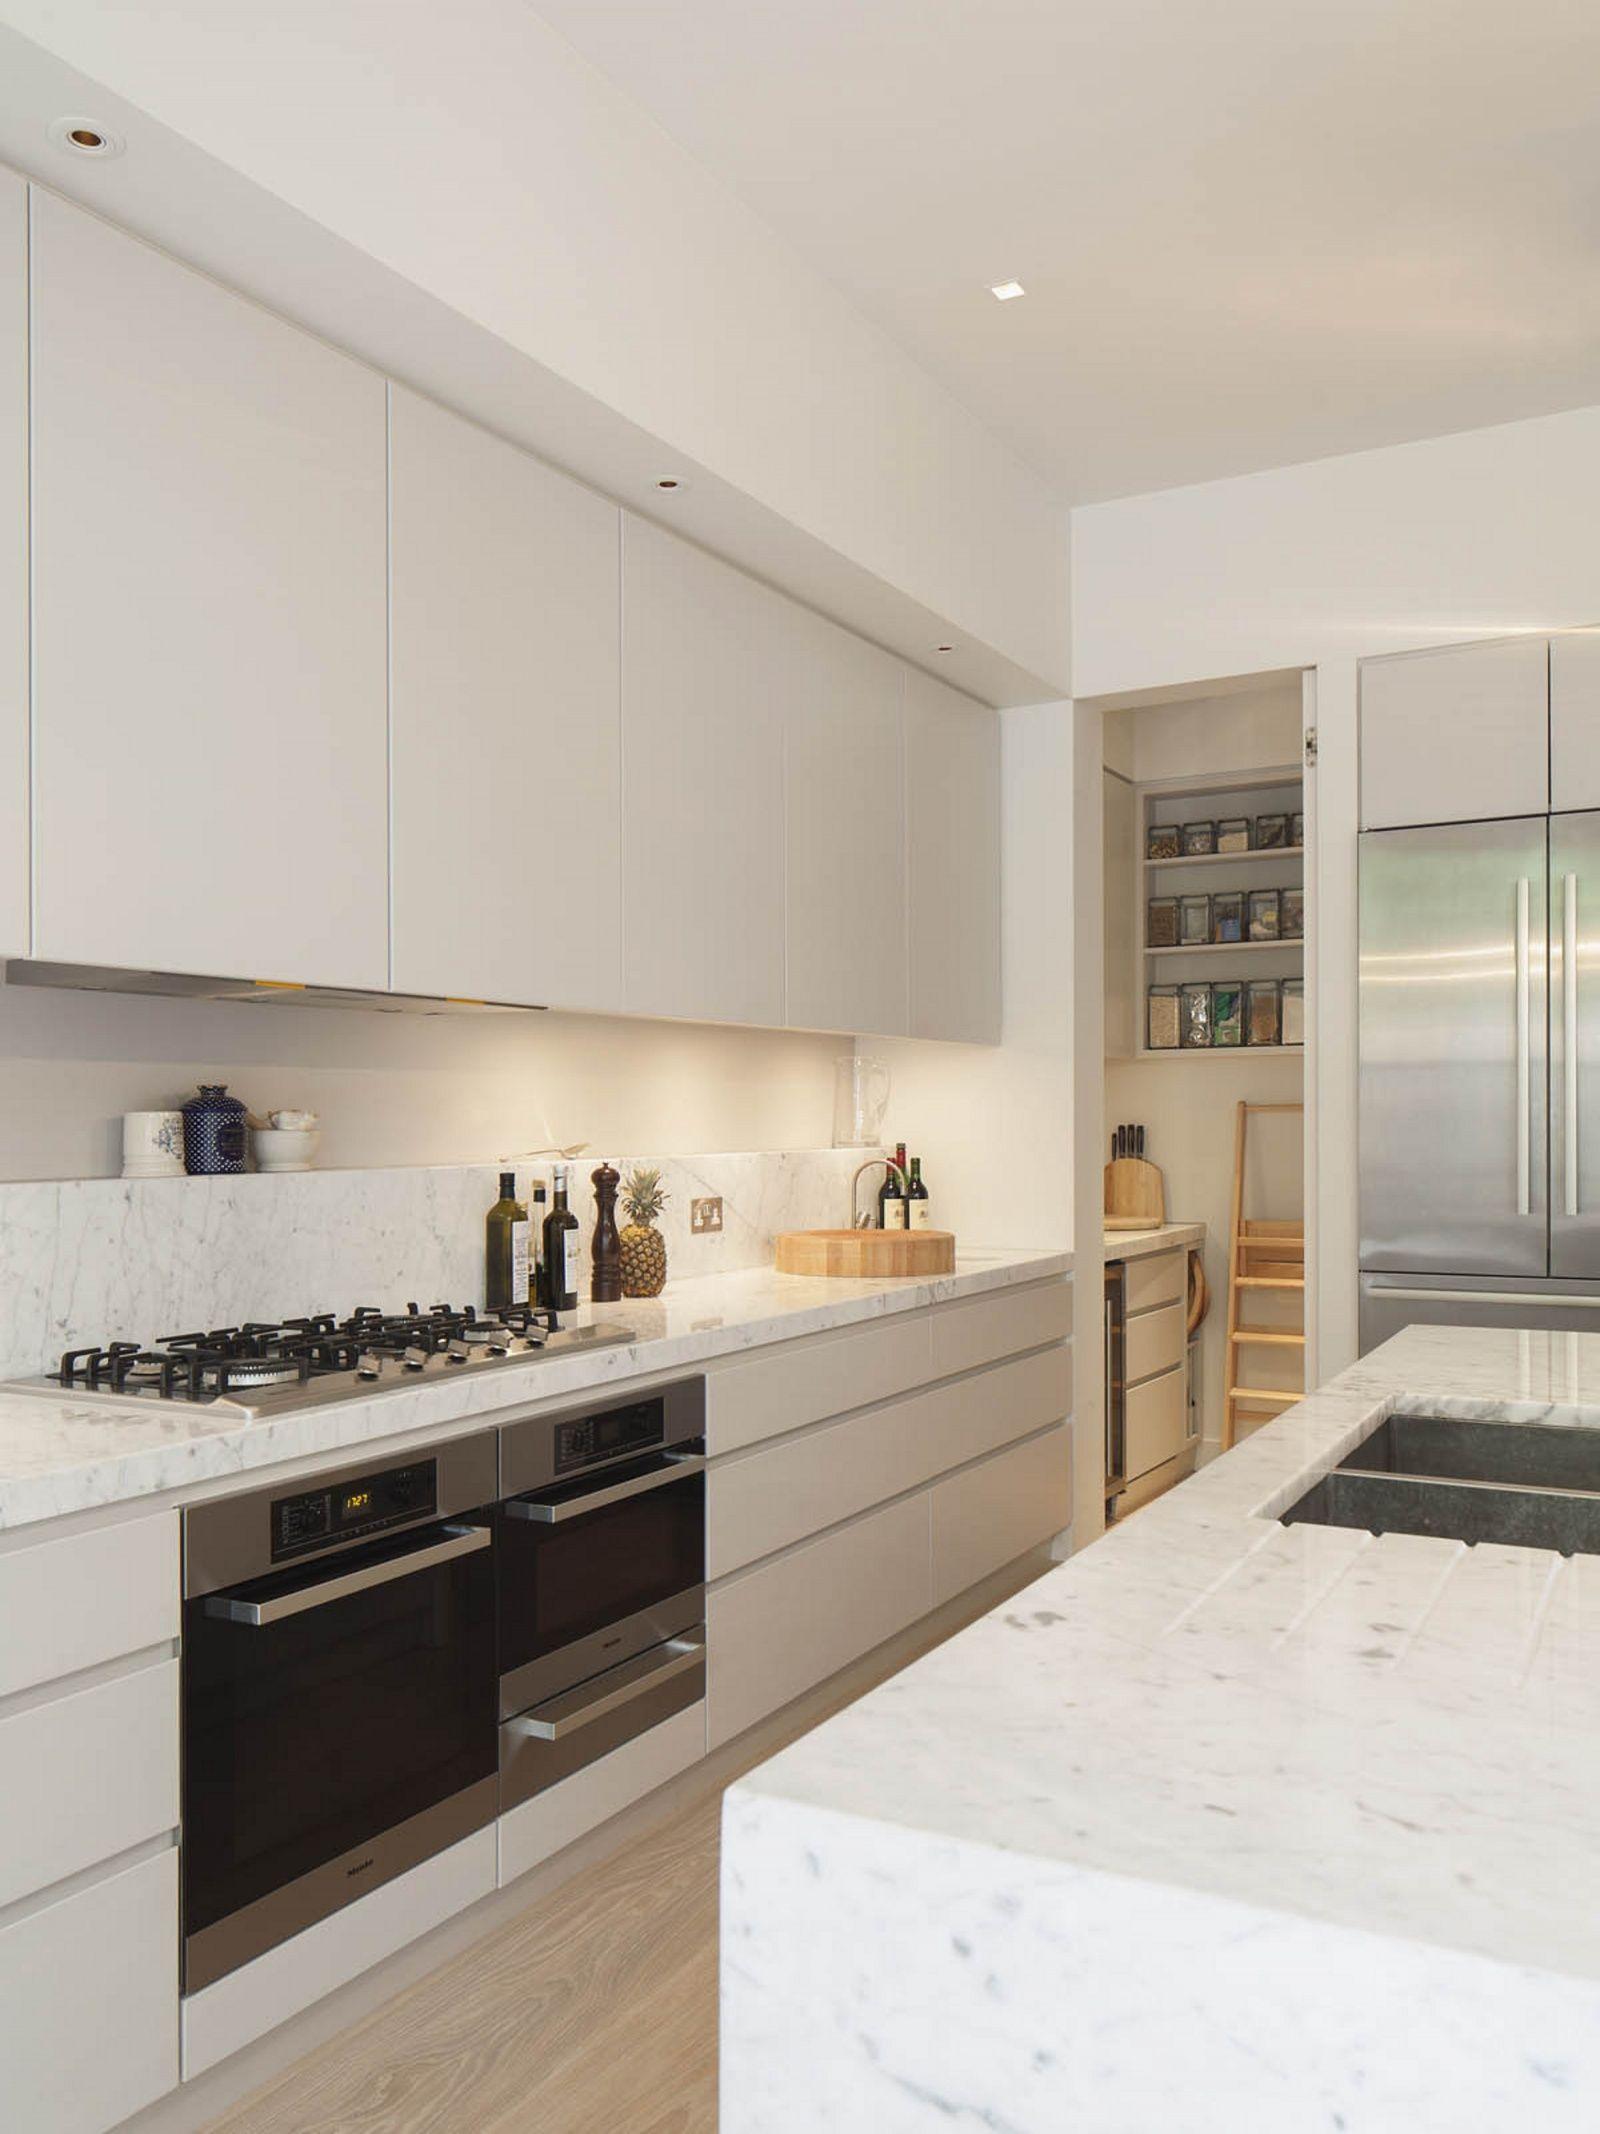 Hurlingham Road slide image 4 | MB | Pinterest | Cocinas, Cocina ...